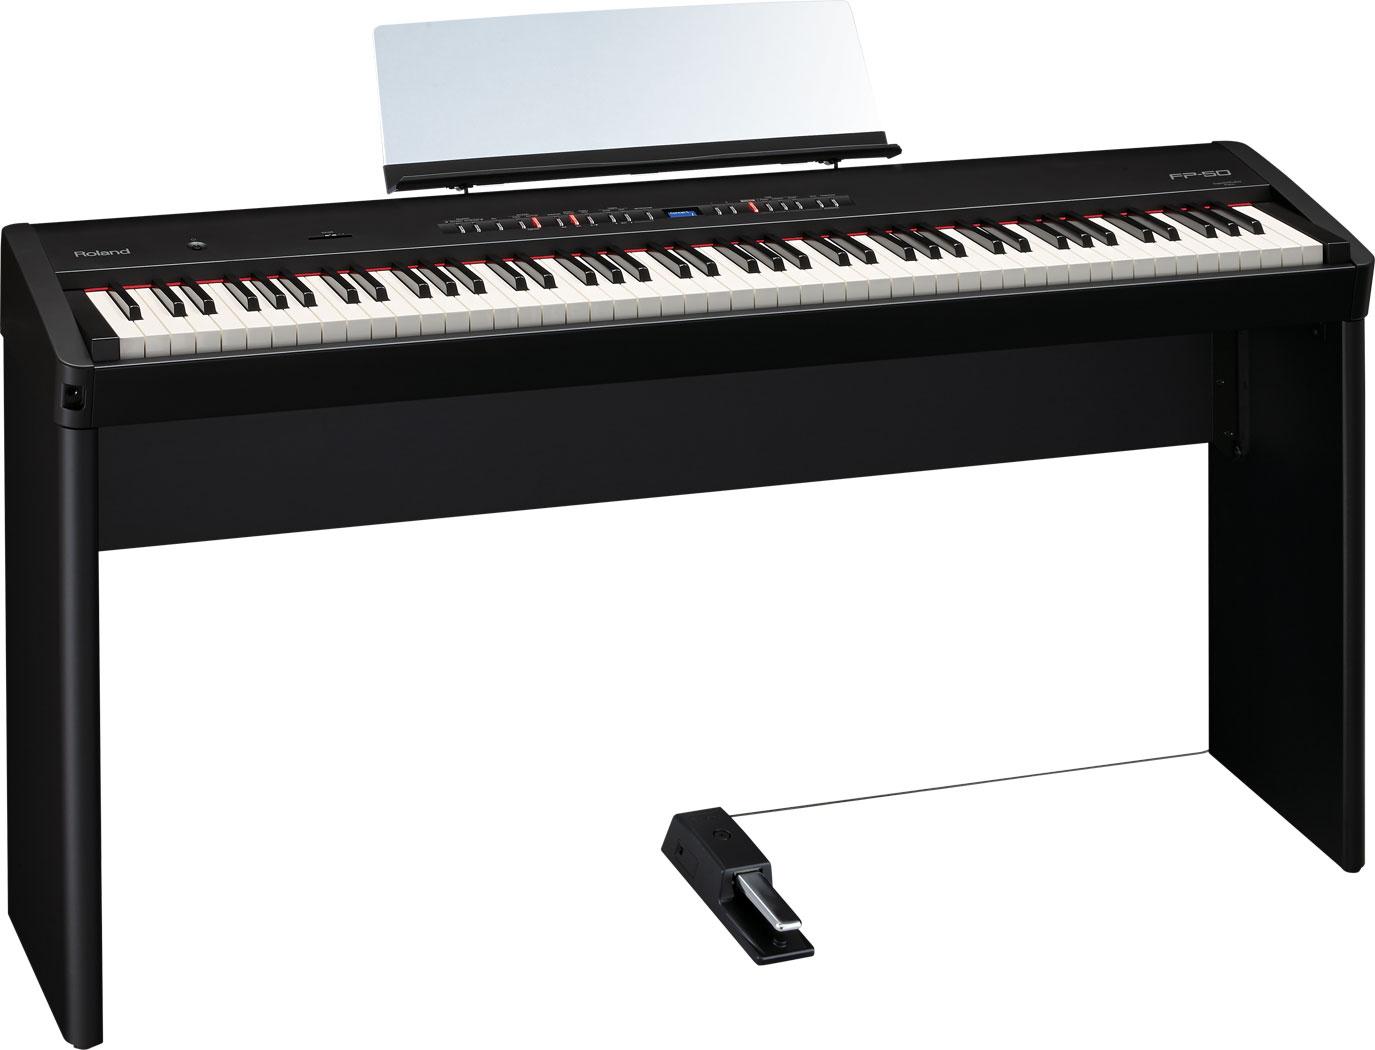 Đàn piano Roland FP-50